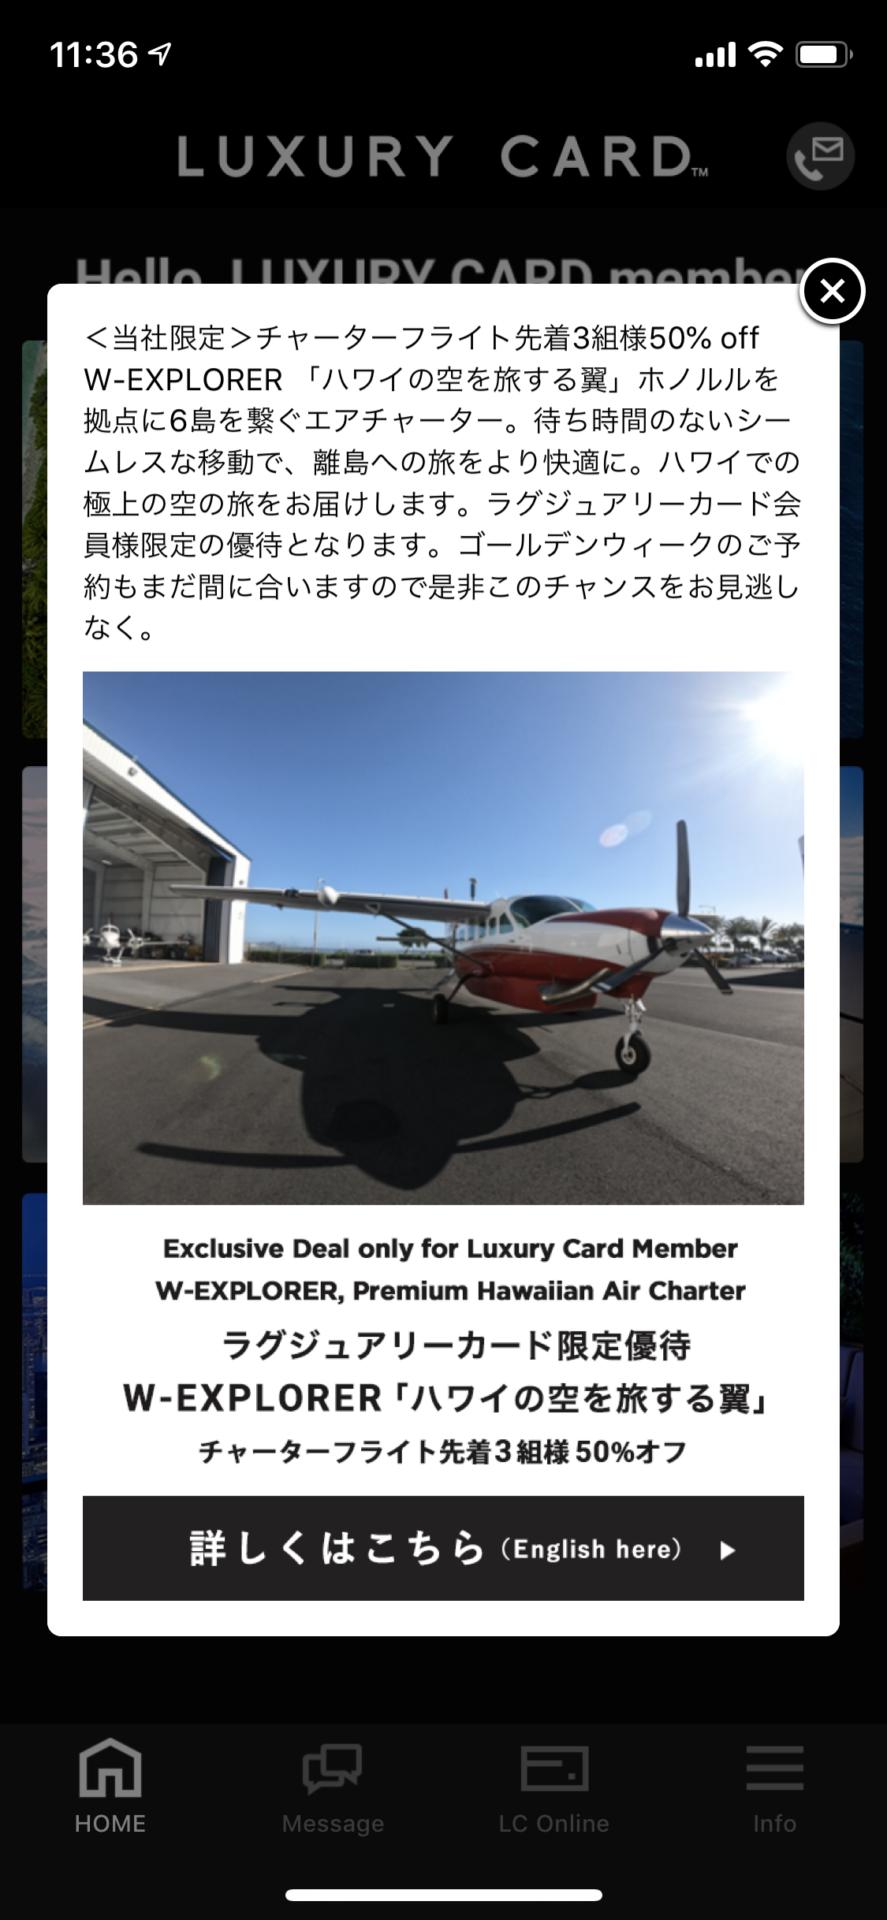 ラグジュアリーカードのハワイでのチャーターフライトが50%OFF特典